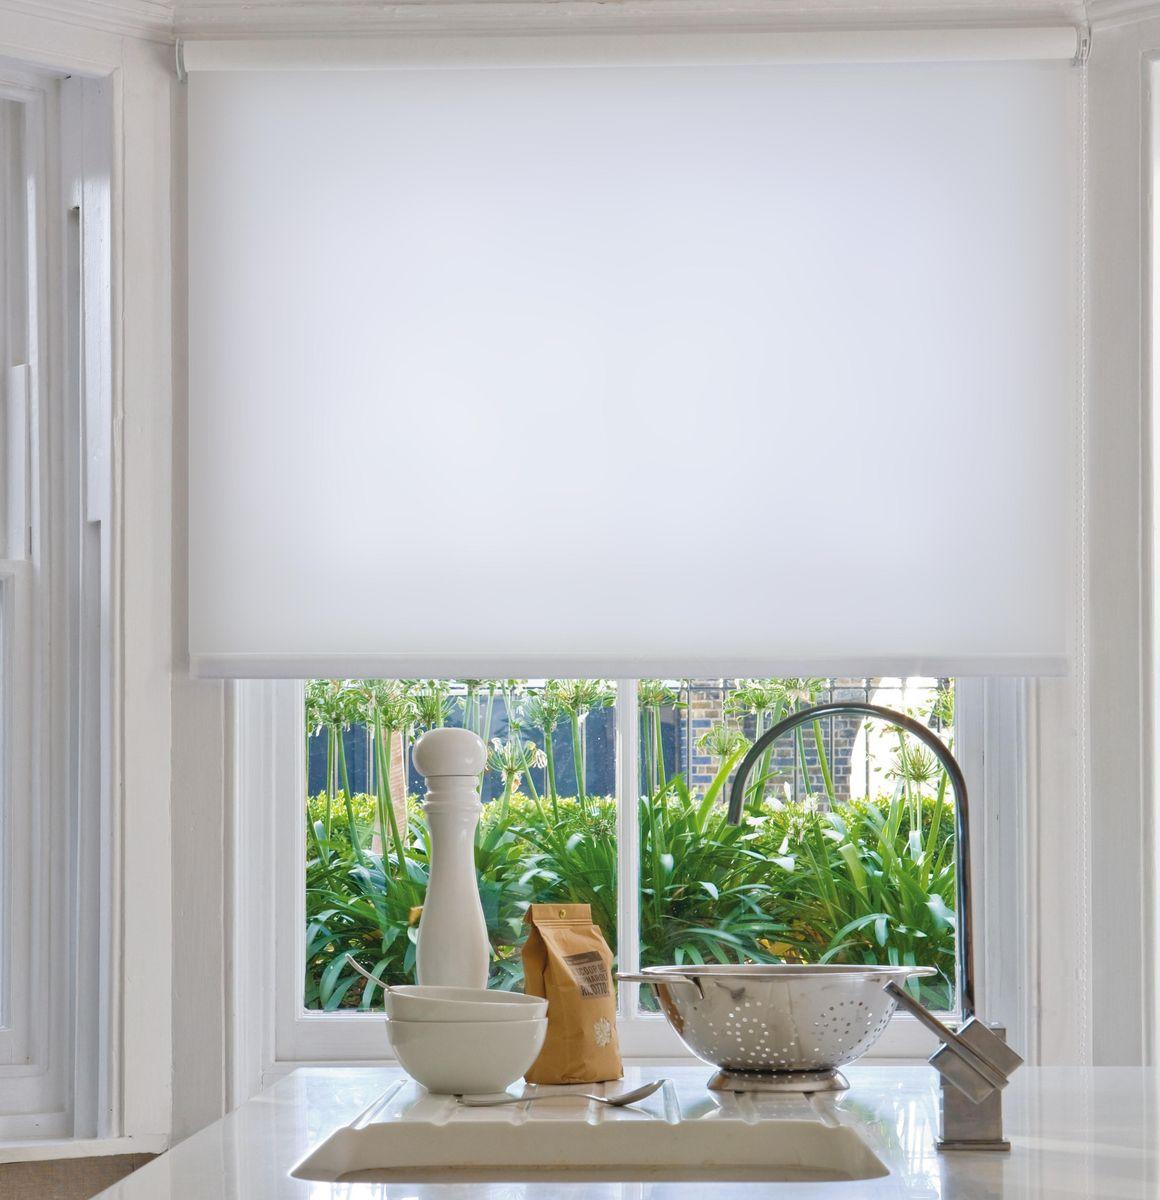 Штора рулонная Эскар, цвет: белый, ширина 140 см, высота 170 см8008140170Рулонными шторами можно оформлять окна как самостоятельно, так и использовать в комбинации с портьерами. Это поможет предотвратить выгорание дорогой ткани на солнце и соединит функционал рулонных с красотой навесных. Преимущества применения рулонных штор для пластиковых окон: - имеют прекрасный внешний вид: многообразие и фактурность материала изделия отлично смотрятся в любом интерьере; - многофункциональны: есть возможность подобрать шторы способные эффективно защитить комнату от солнца, при этом она не будет слишком темной. - Есть возможность осуществить быстрый монтаж. ВНИМАНИЕ! Размеры ширины изделия указаны по ширине ткани! Во время эксплуатации не рекомендуется полностью разматывать рулон, чтобы не оторвать ткань от намоточного вала. В случае загрязнения поверхности ткани, чистку шторы проводят одним из способов, в зависимости от типа загрязнения: легкое поверхностное загрязнение можно удалить при помощи канцелярского ластика; чистка от пыли производится сухим методом при...